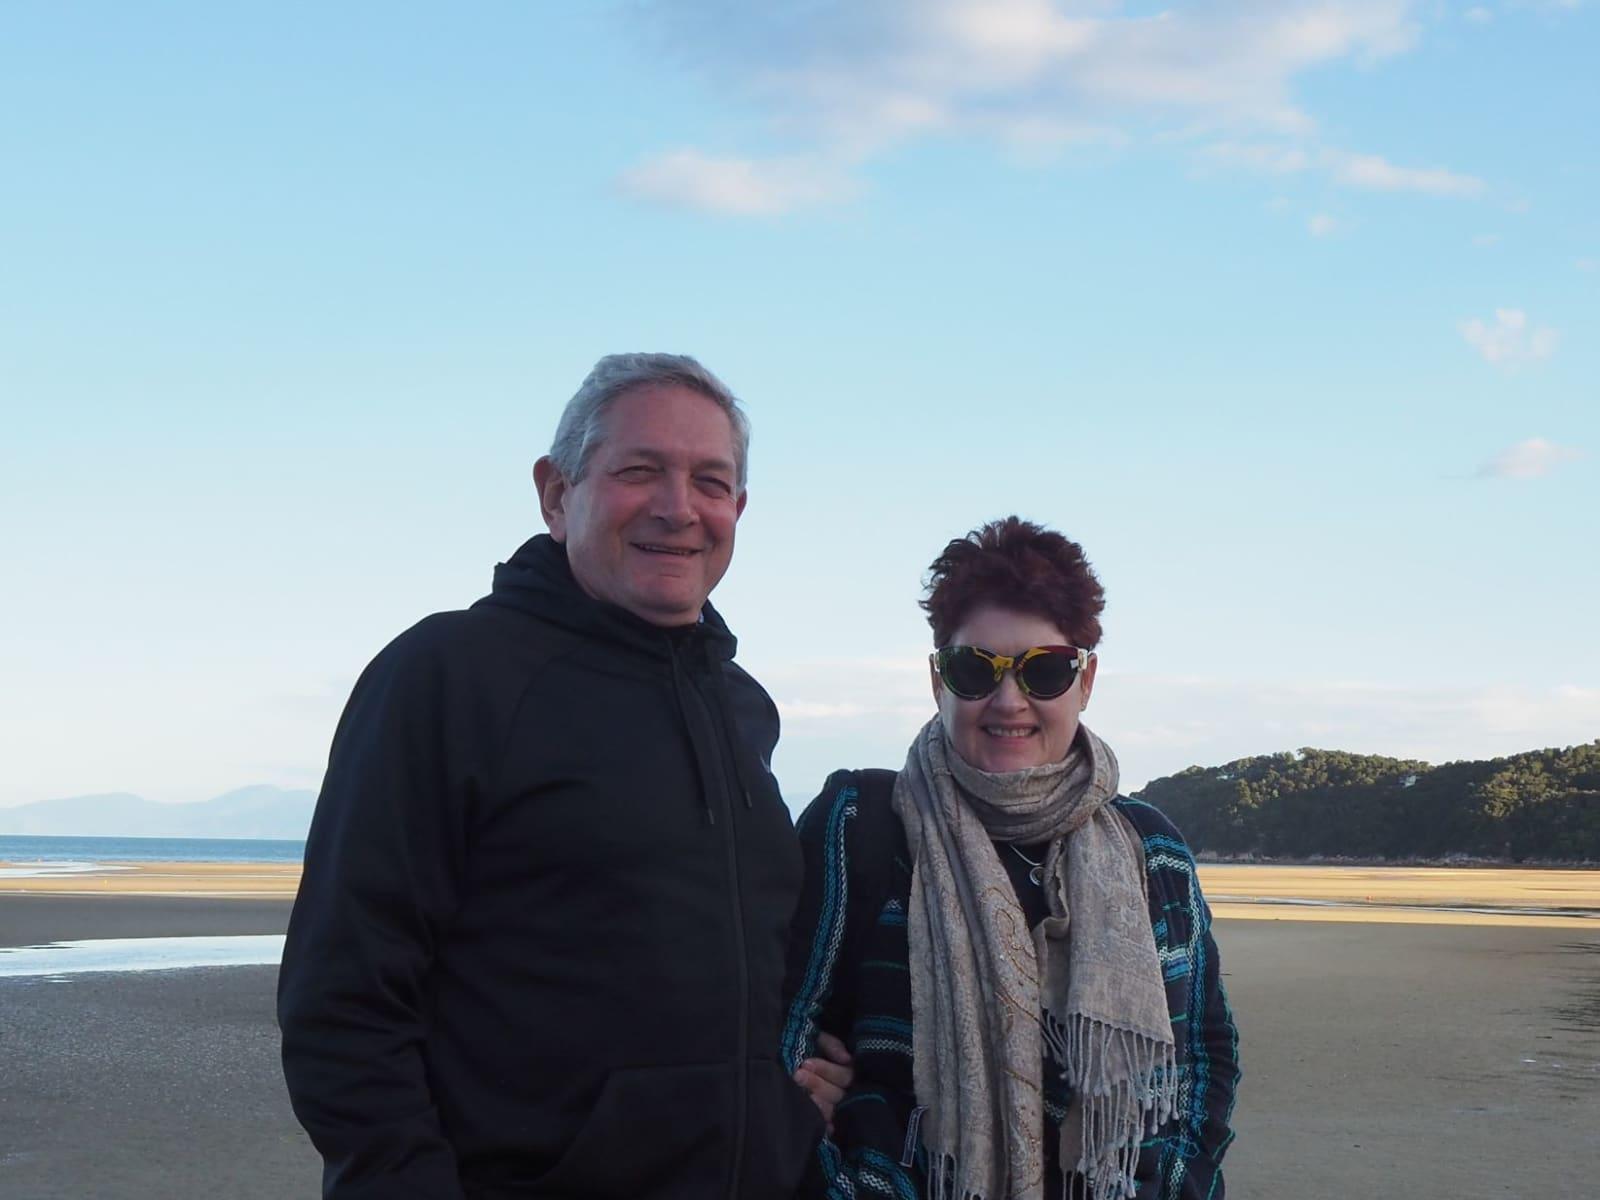 Mary wilson & David from London, United Kingdom